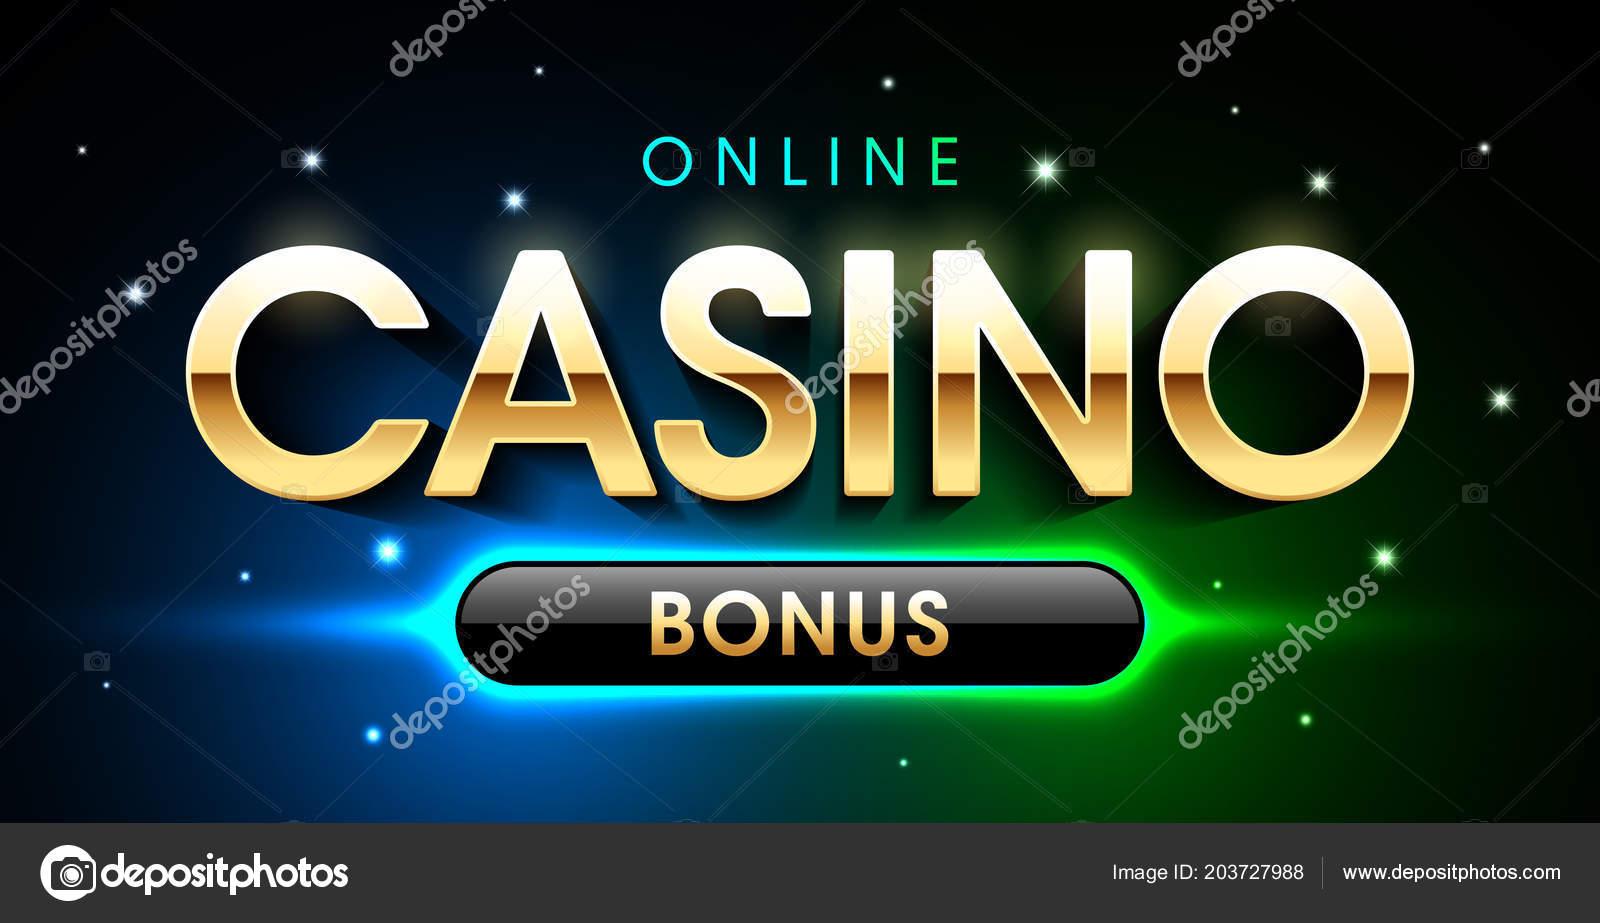 Казино онлайн с бонусом